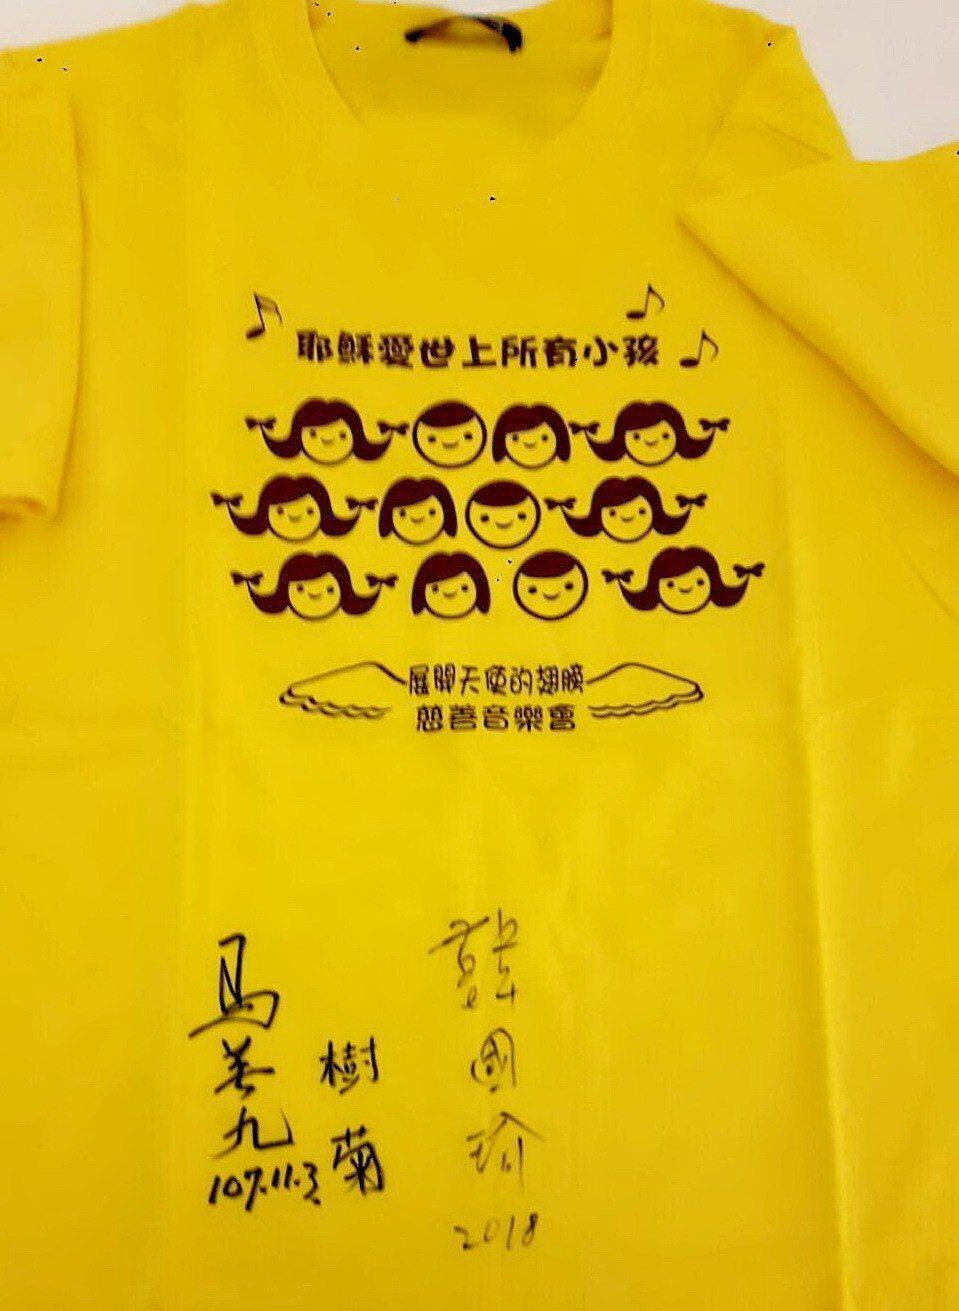 前總統馬英九、韓國瑜、陳樹菊3人在10件T恤上簽名,提供第12屆「展開天使的翅膀...